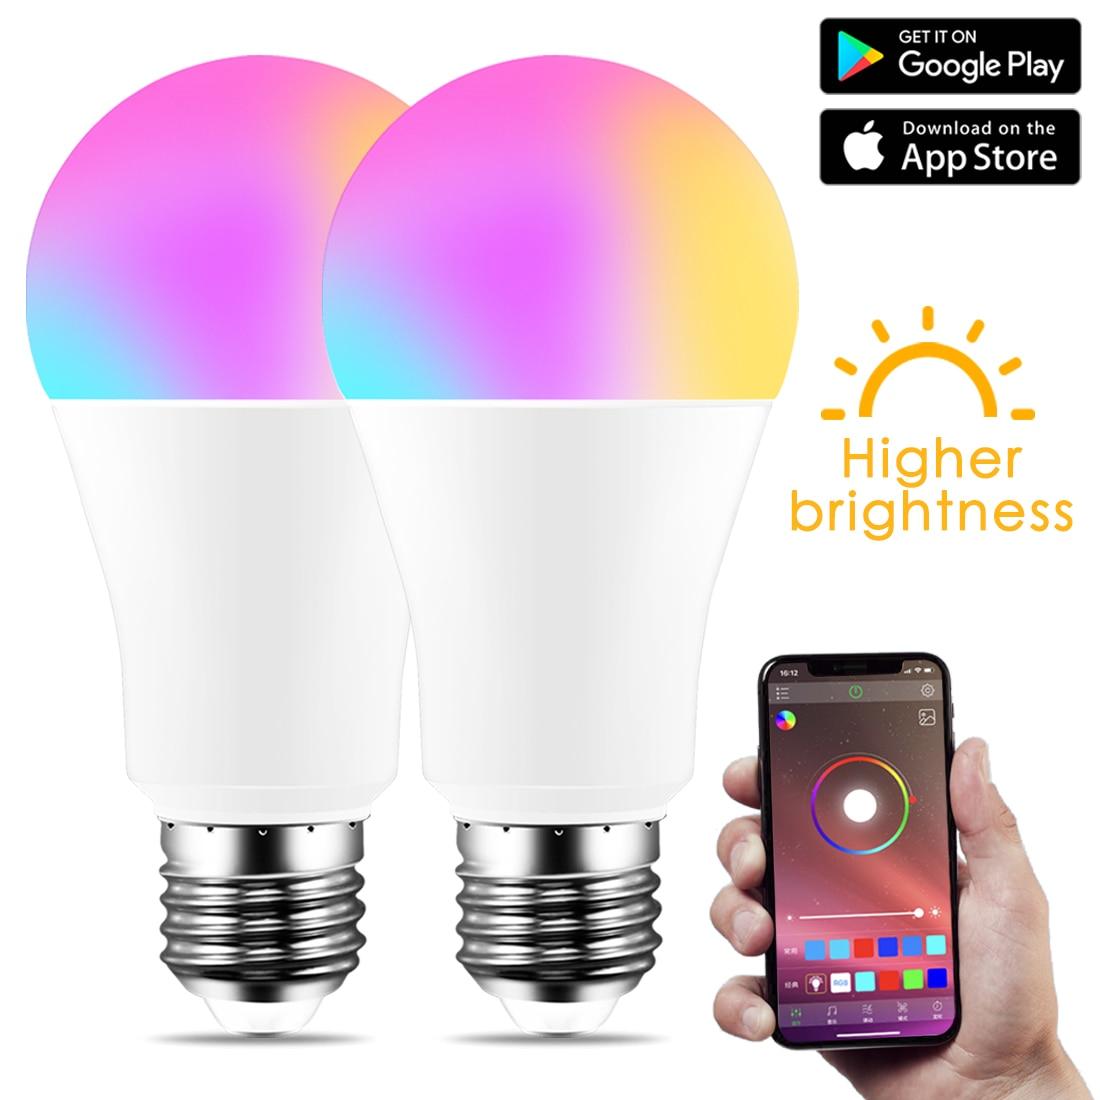 ใหม่ไร้สายบลูทูธ 4.0 สมาร์ทหลอดไฟหลอดไฟ 10W E27 Magic RGB + W LED เปลี่ยนสีแสงหลอดไฟหรี่แสงได้ IOS/Android